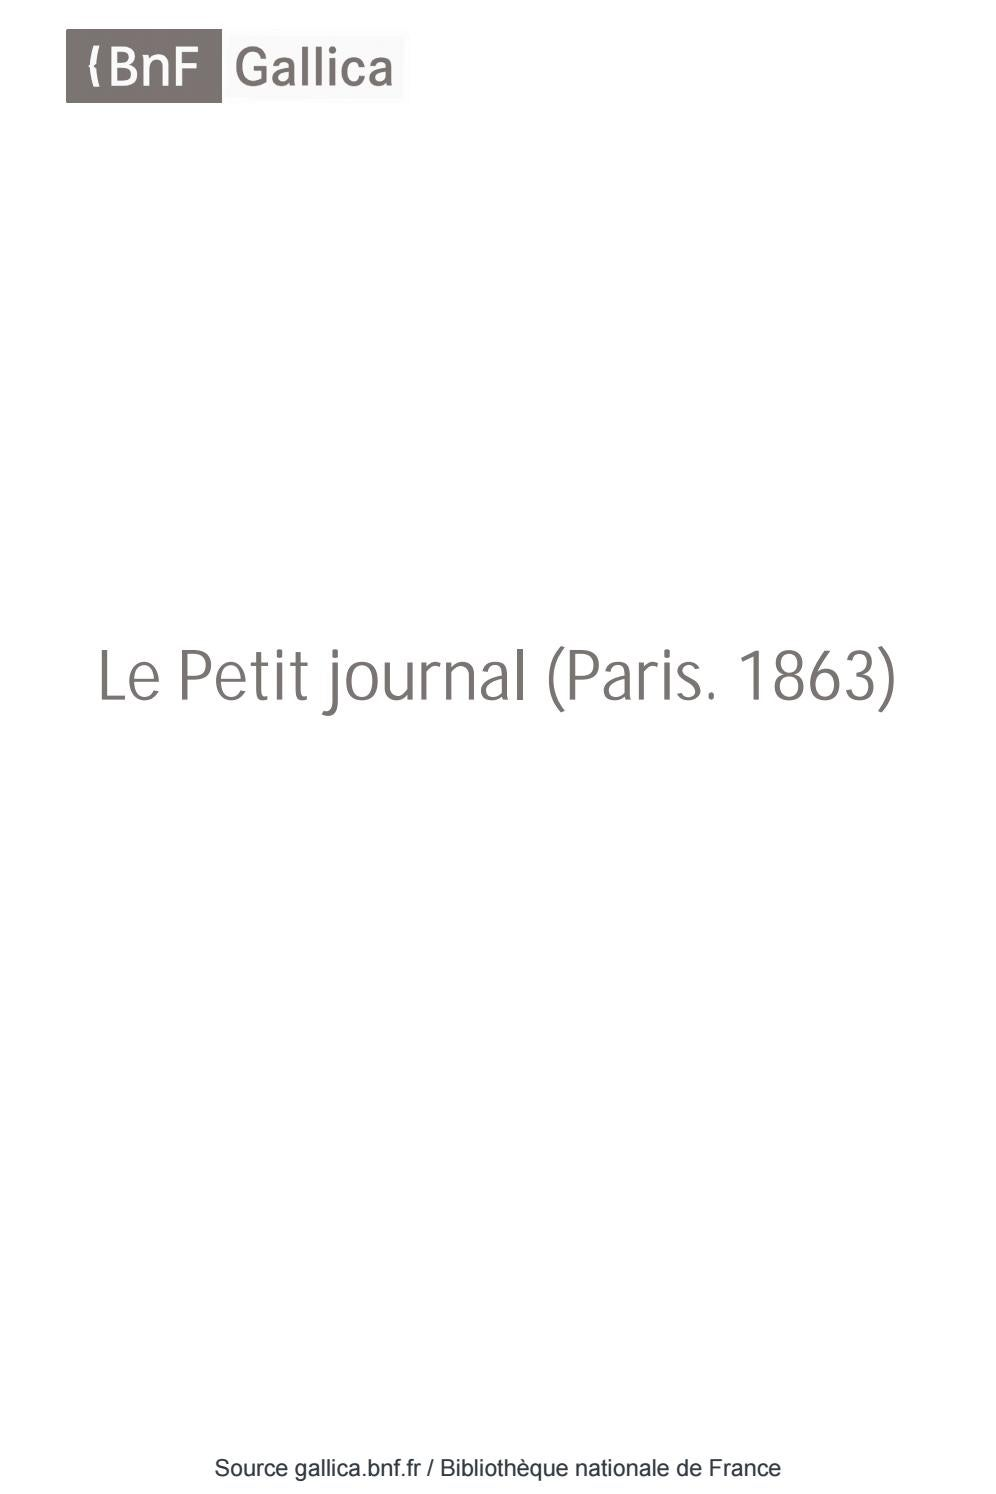 Le Petit Journal 02051930 By Président Aaleme Issuu